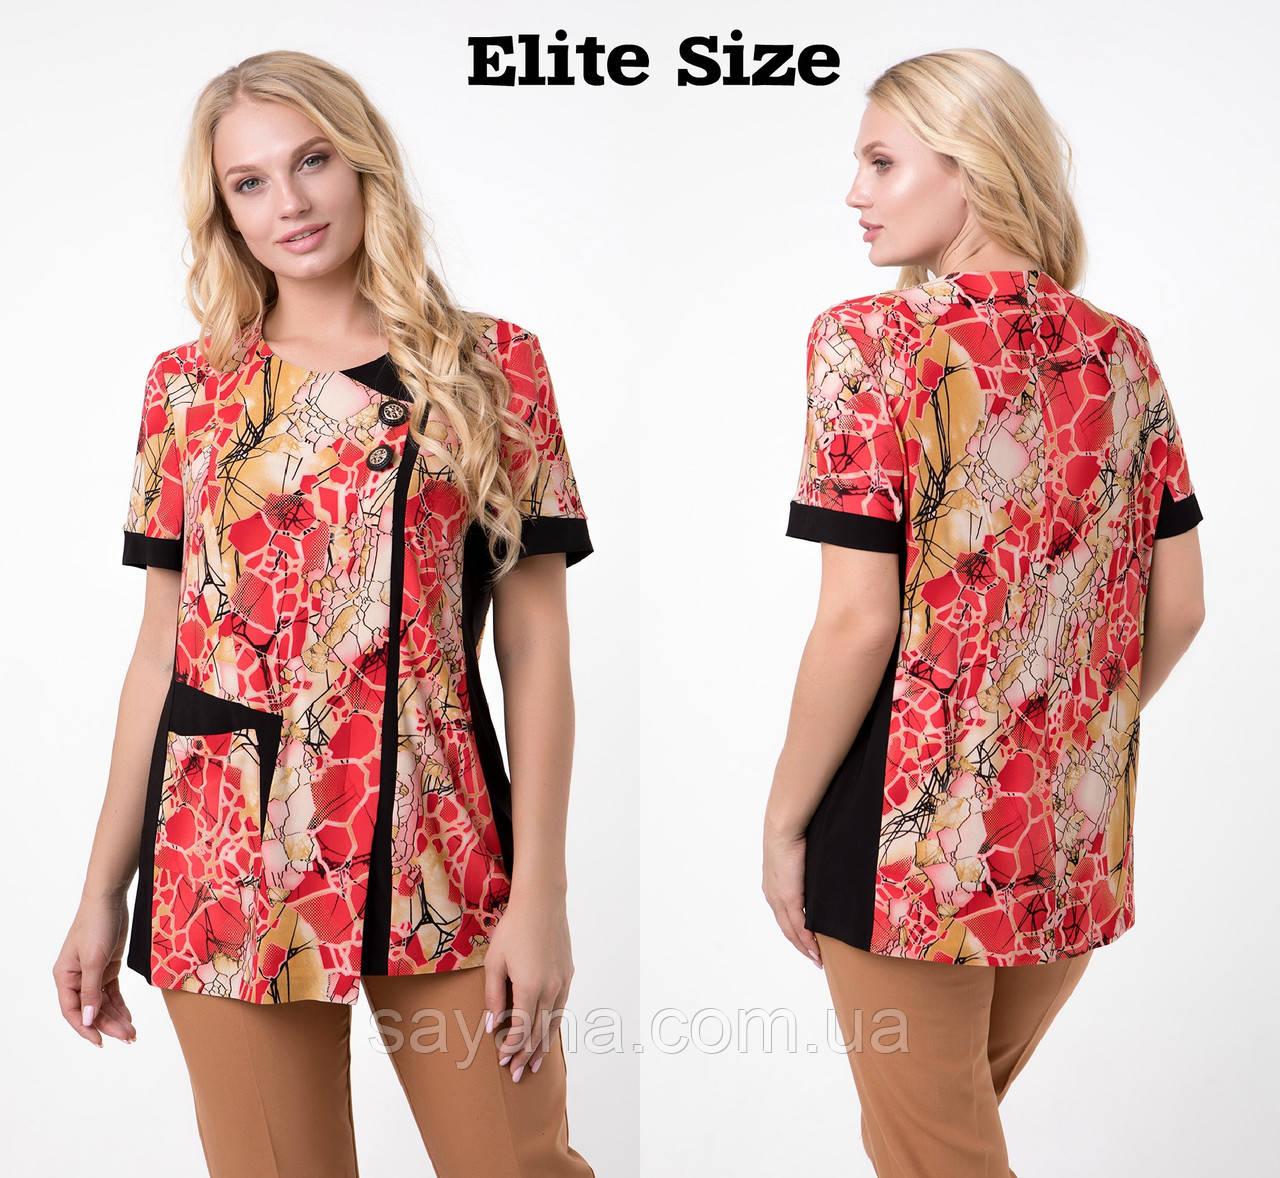 Женская блуза с декором в моделях, р-р 52-60. НО-16-0519